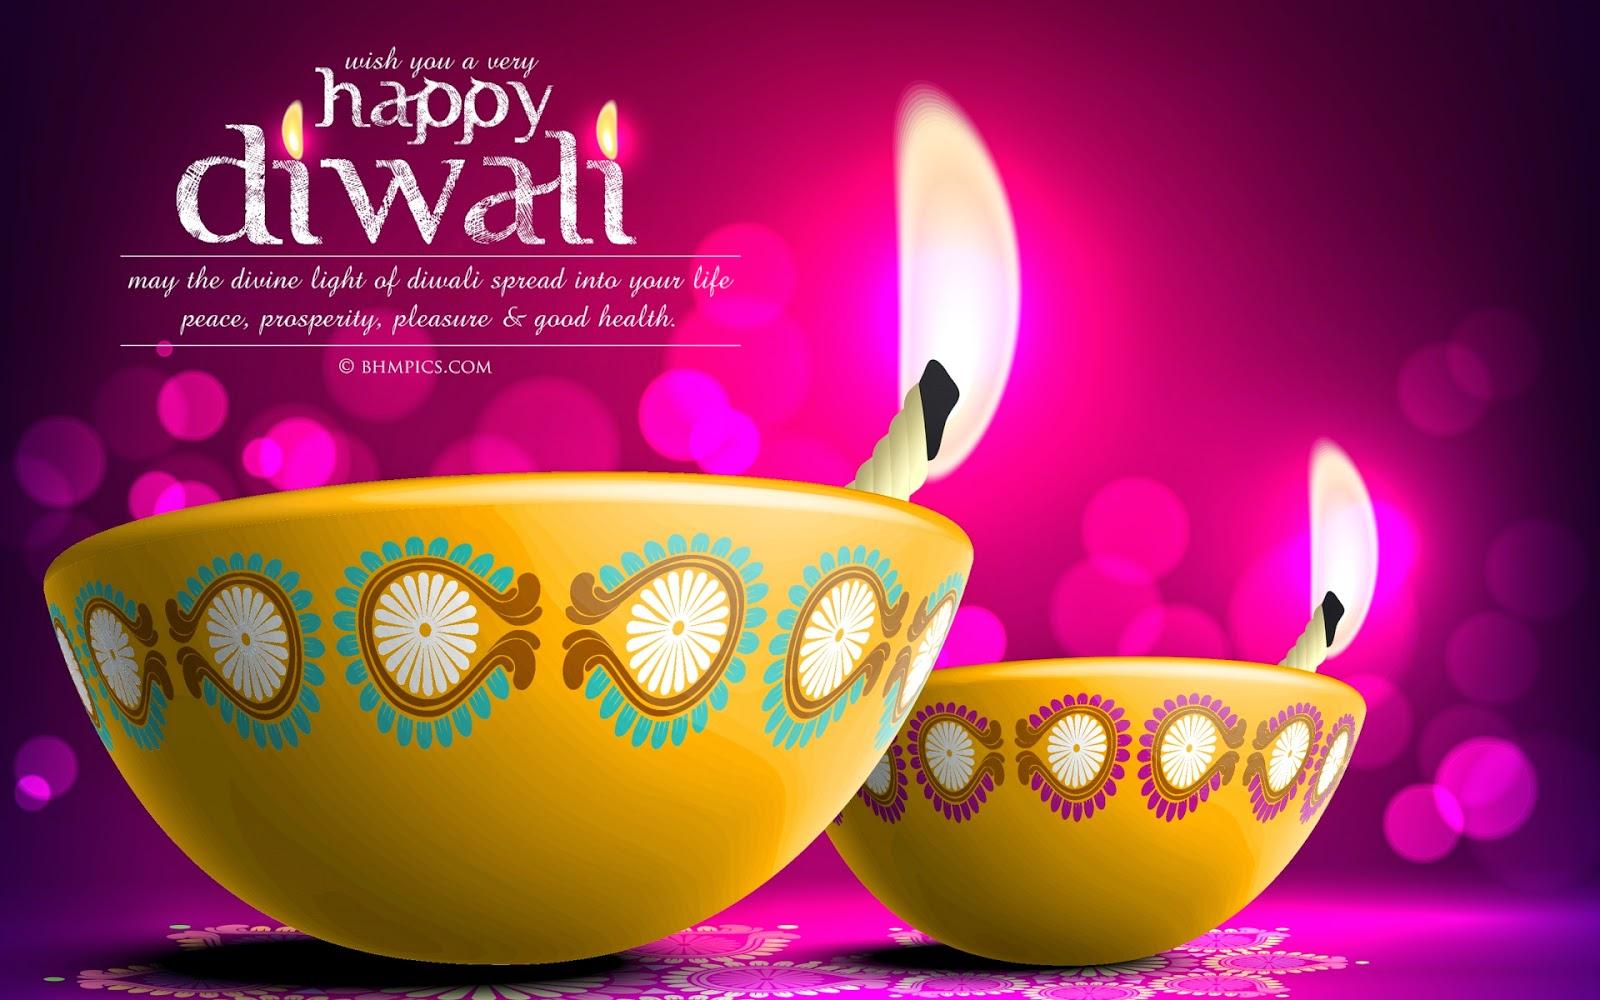 HD Happy Diwali Cover